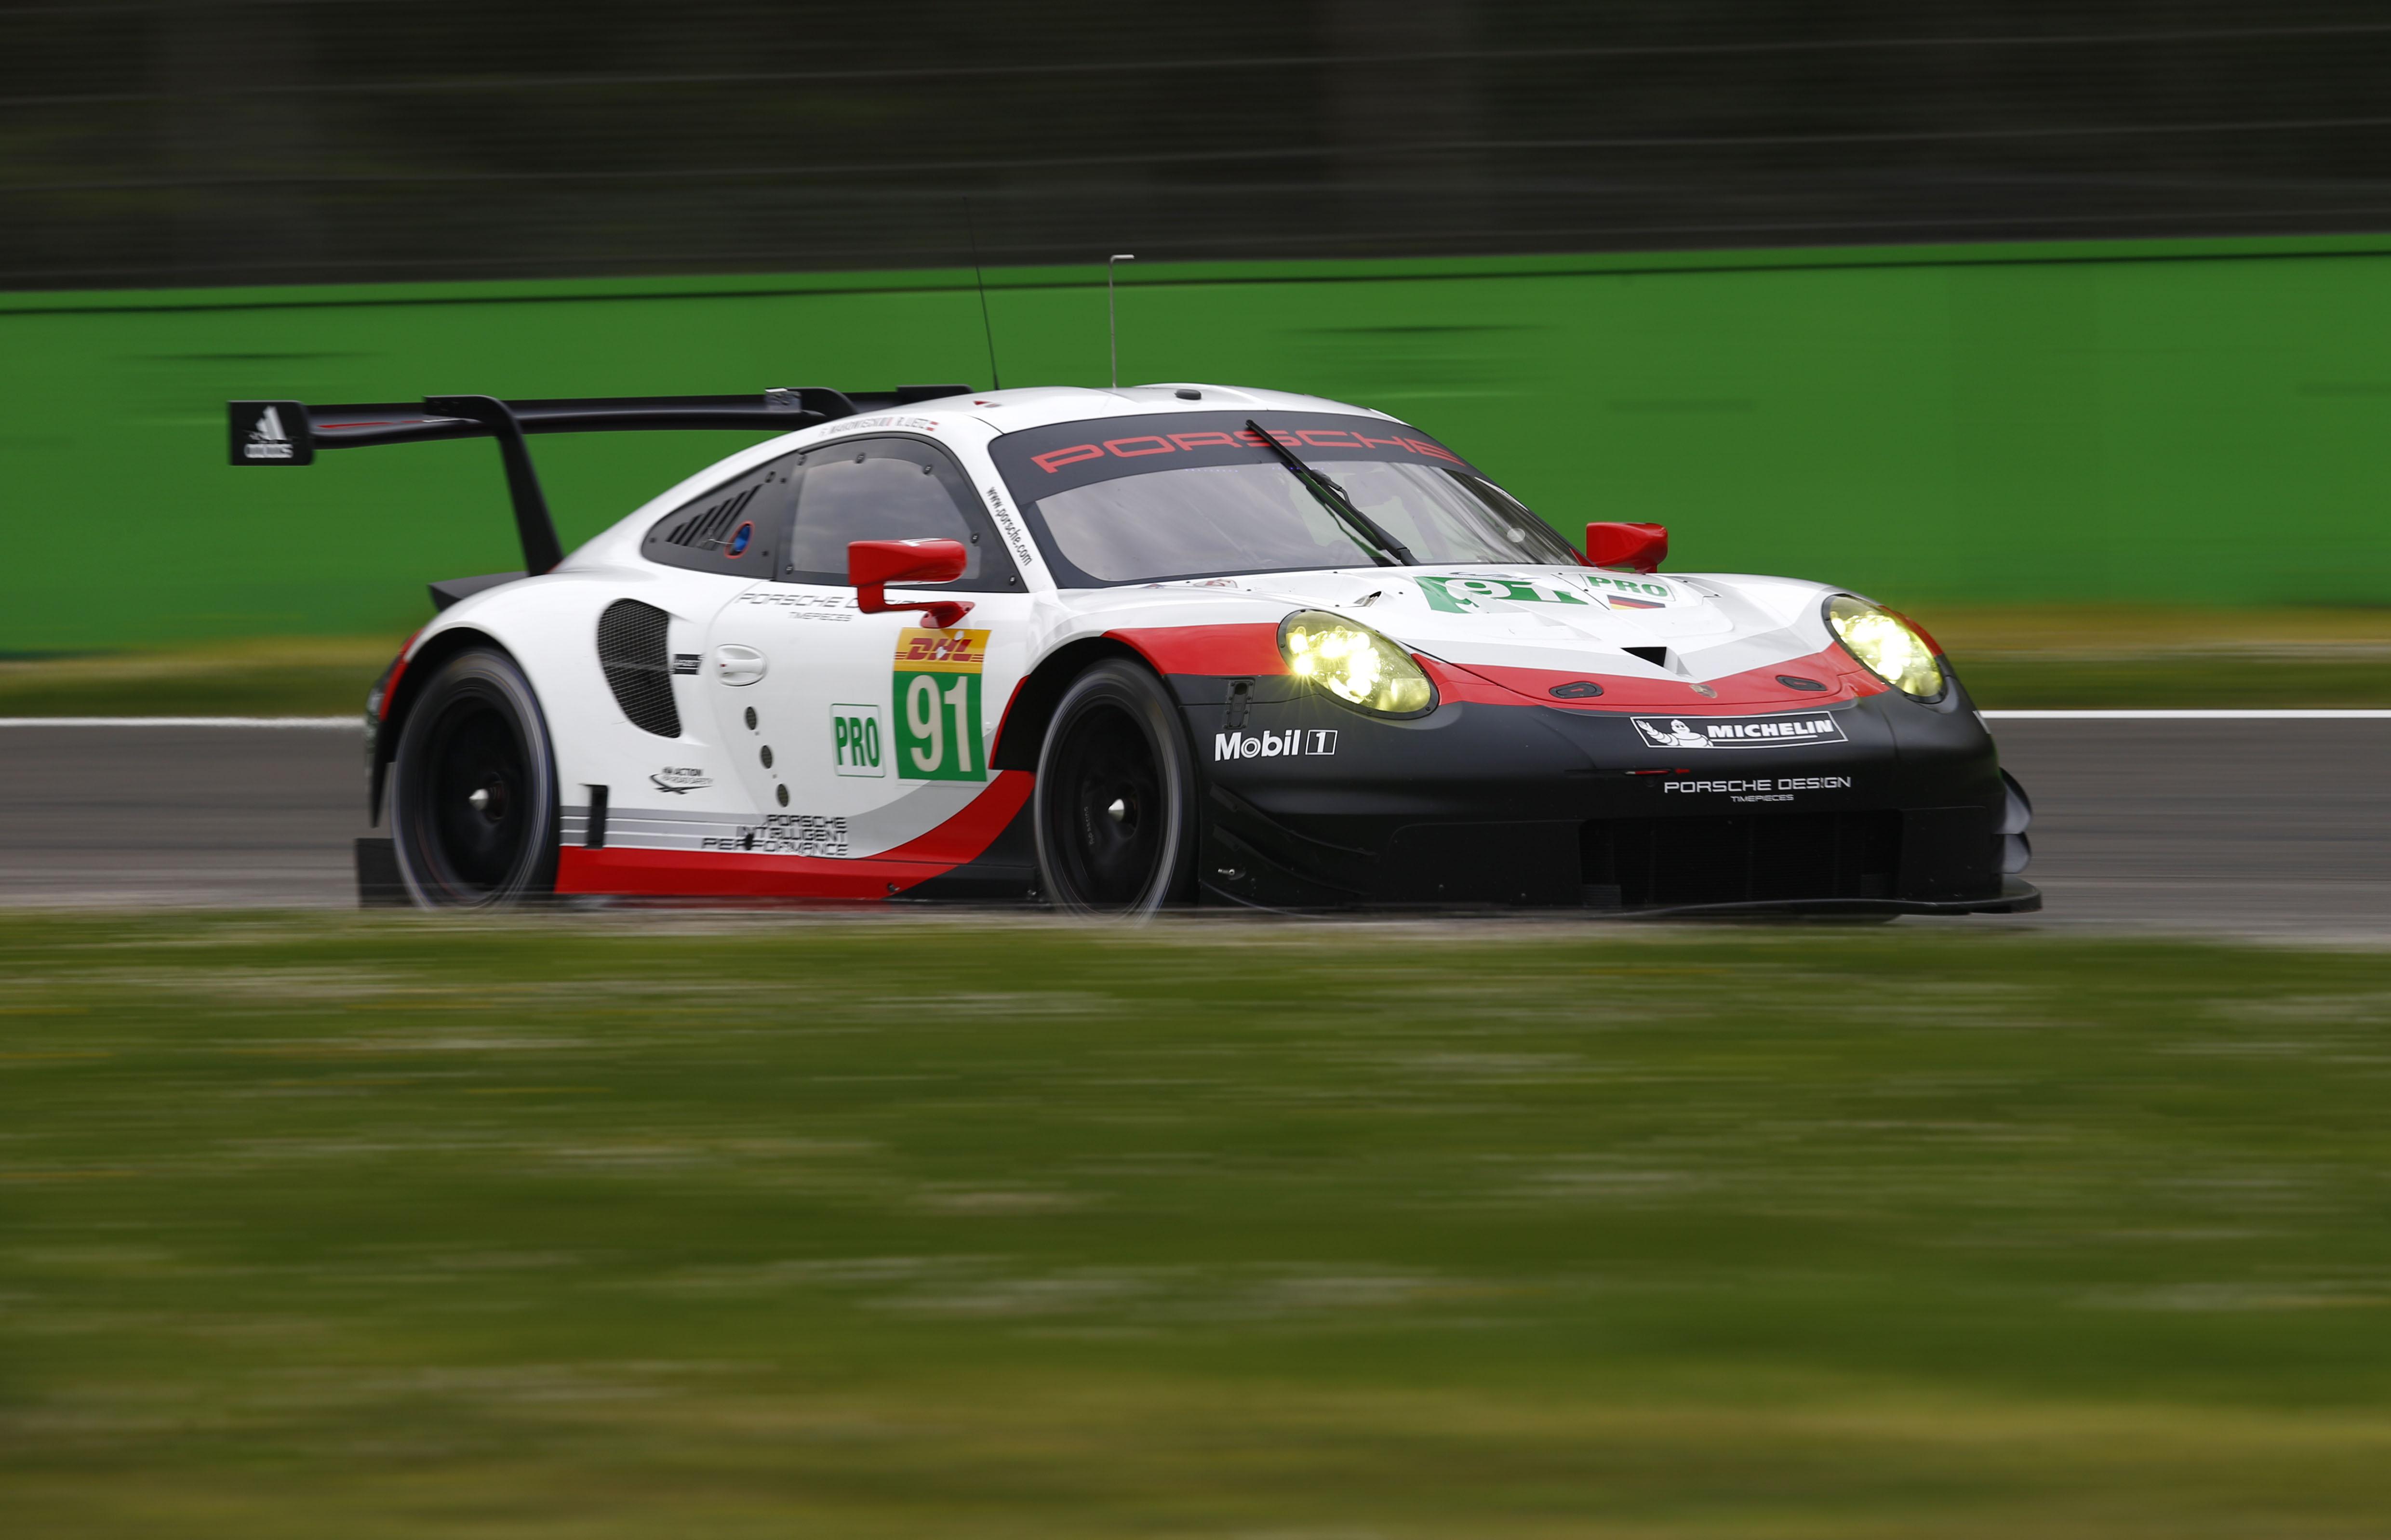 WEC Prologue - Les pilotes Patrick Pilet & Dirk Werner sont les 3ème pilotes de Porsche GT aux 24 Heures du Mans 2017